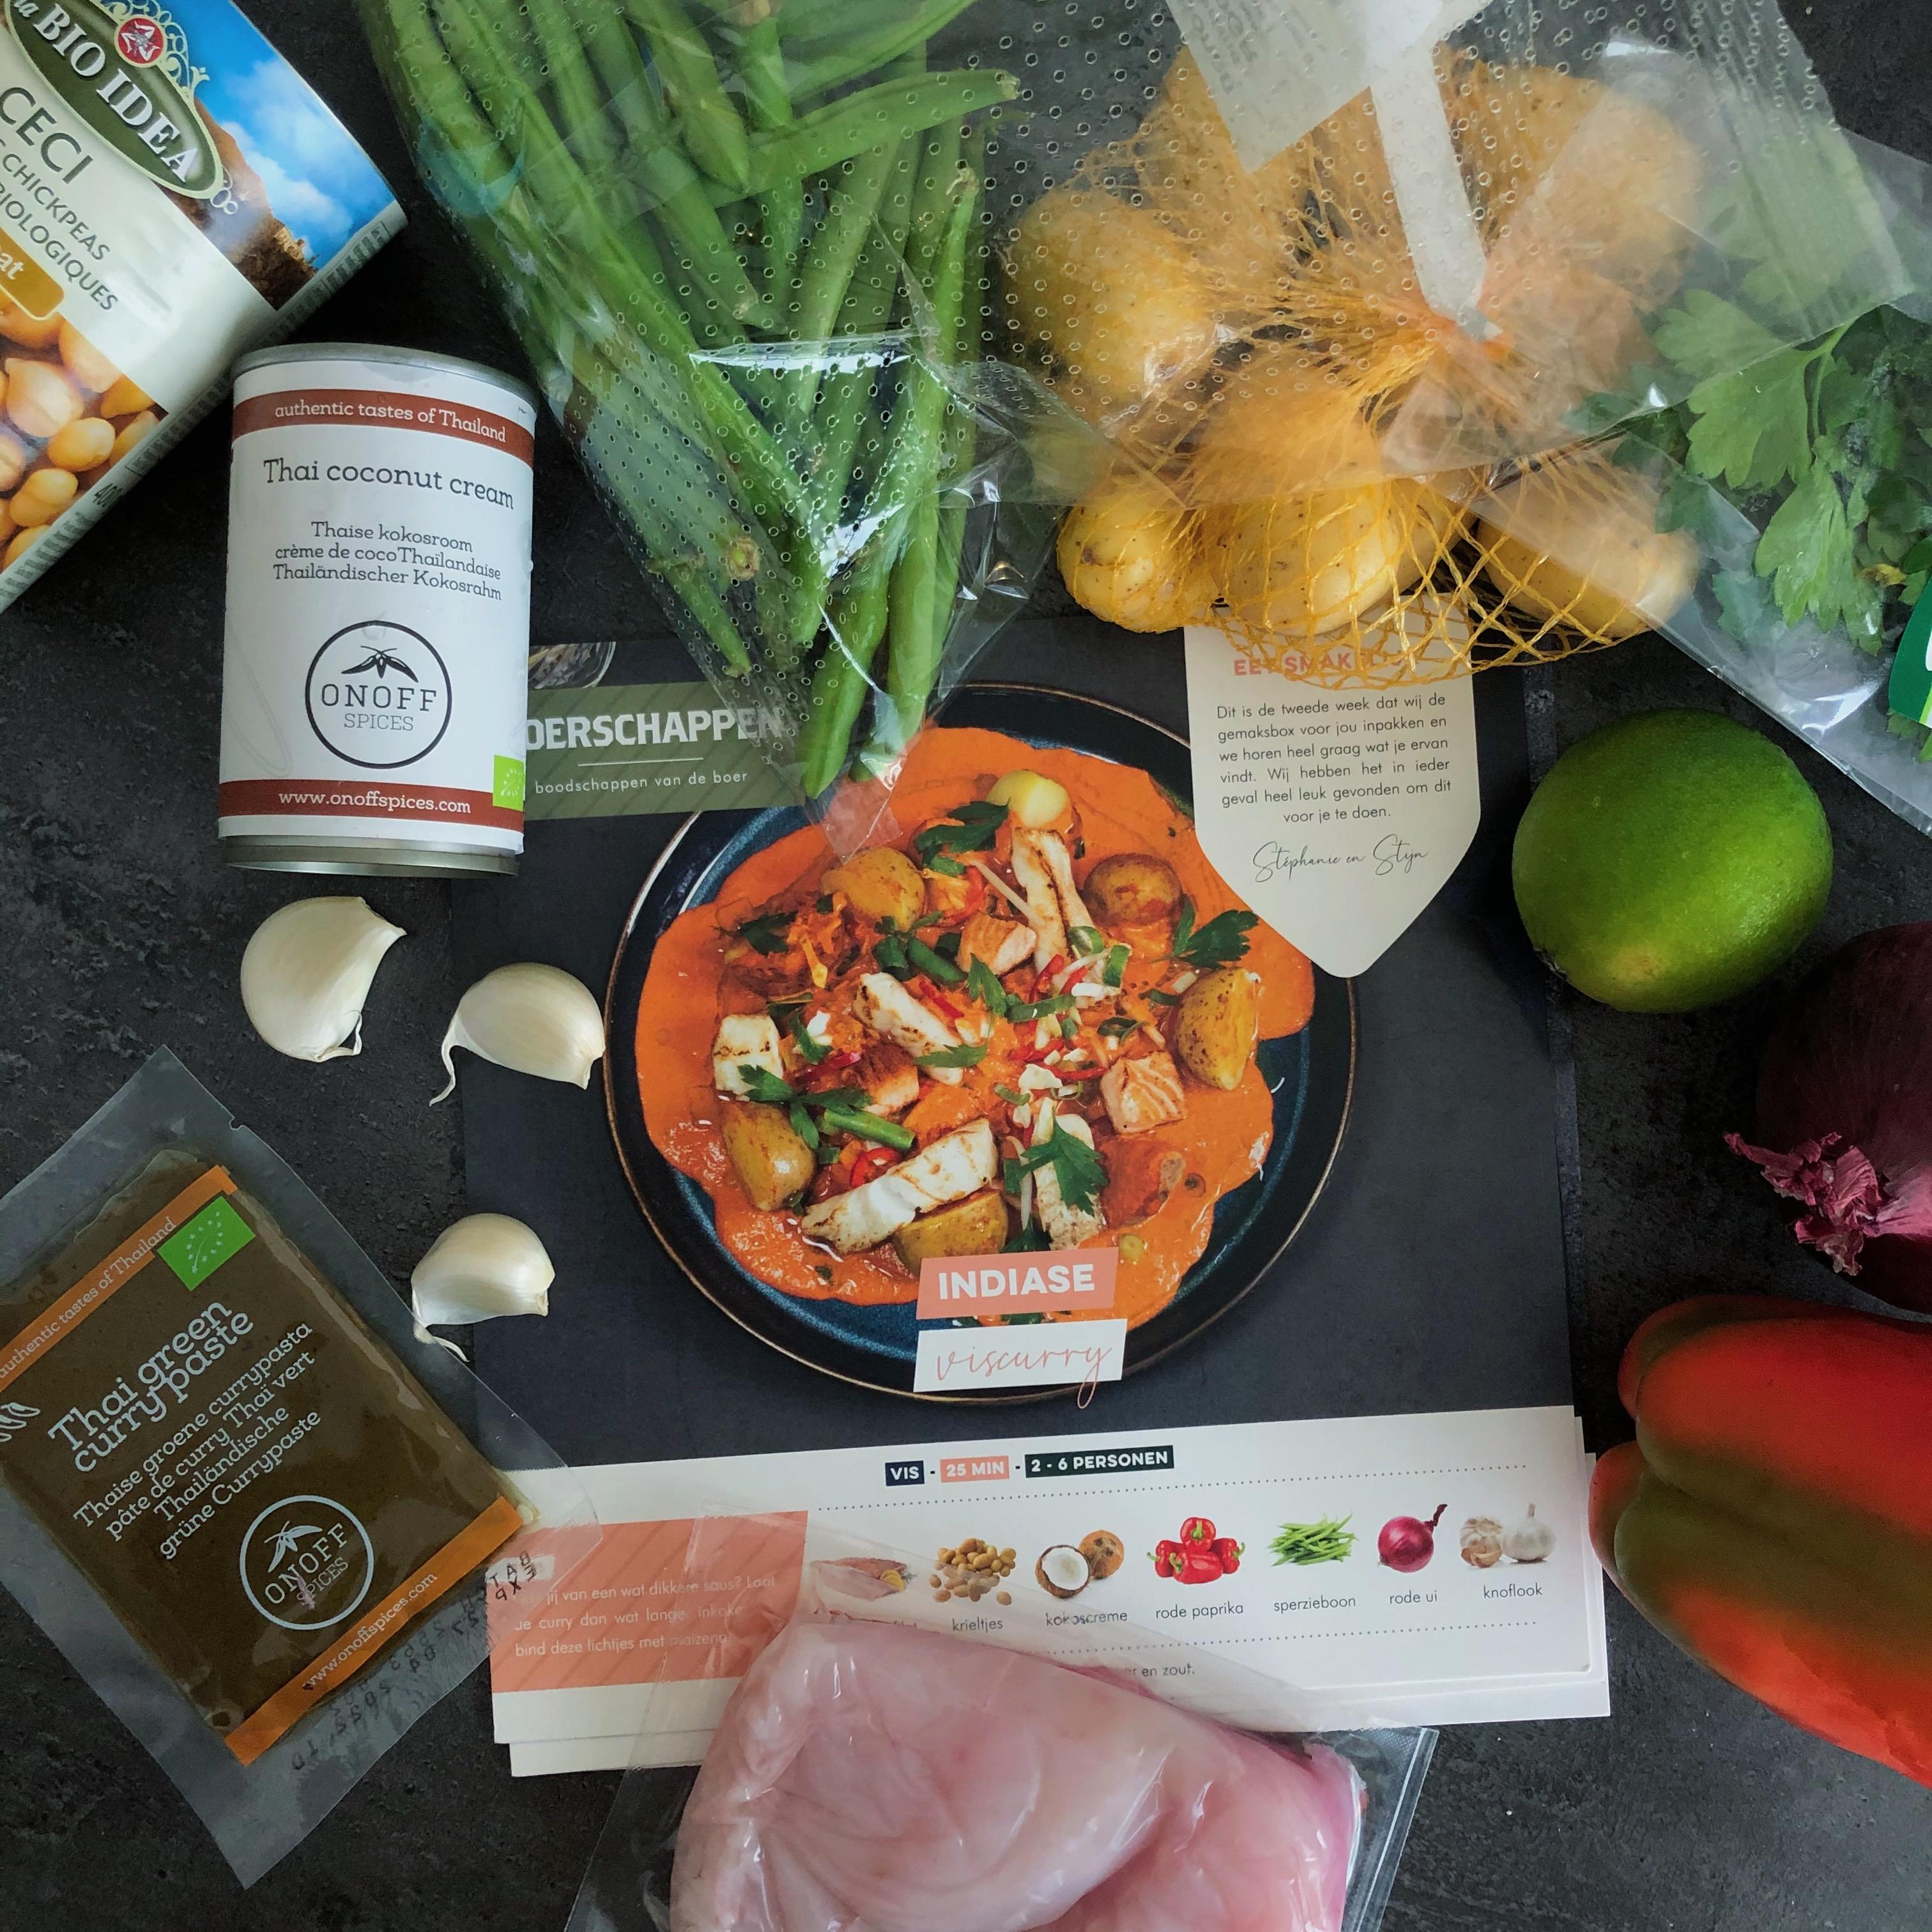 Roodbaarsfilet curry met krieltjes en sperziebonen